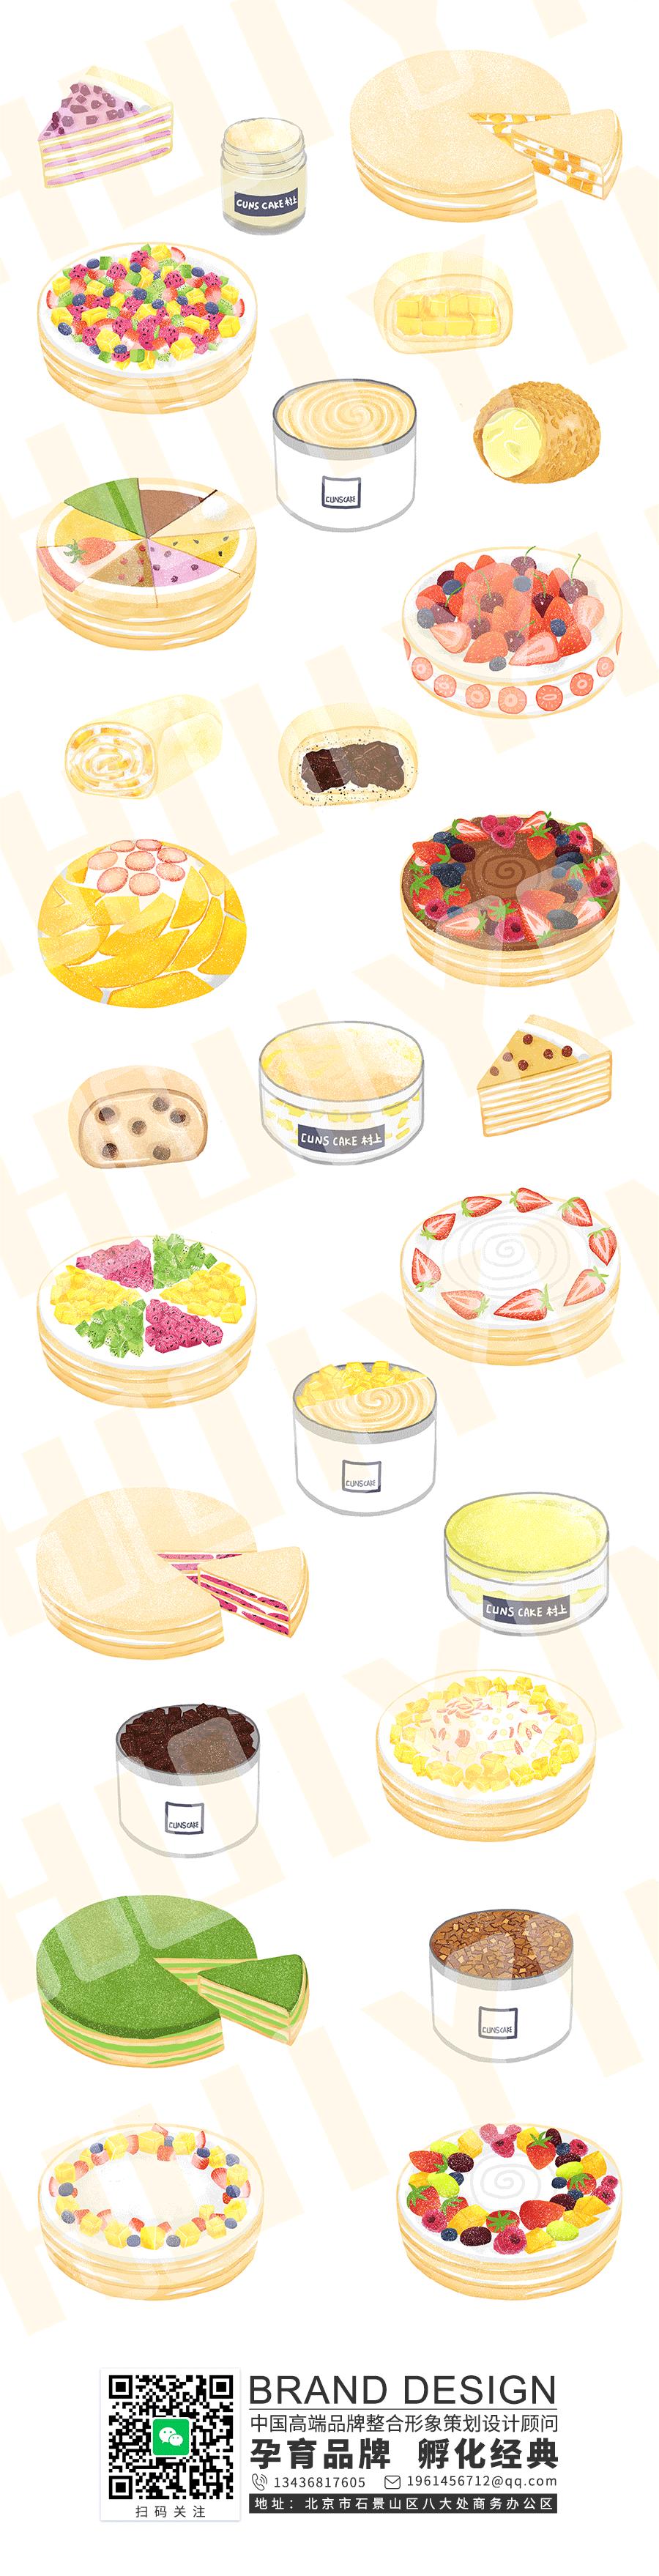 食品插画设计 飞特网 商业插画设计